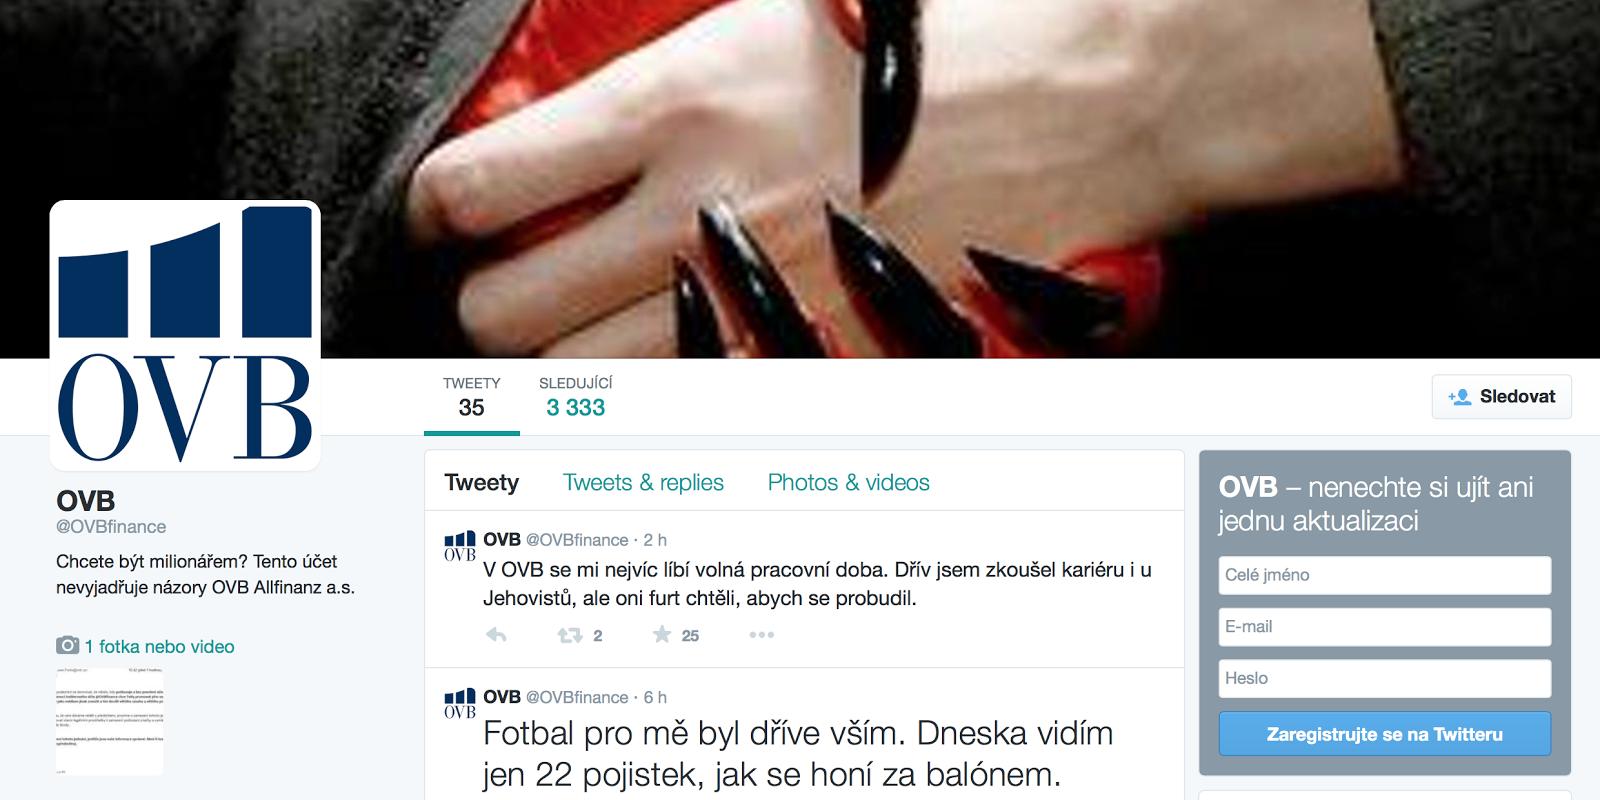 OVB - nejvtipnější profil na sociálních sítích